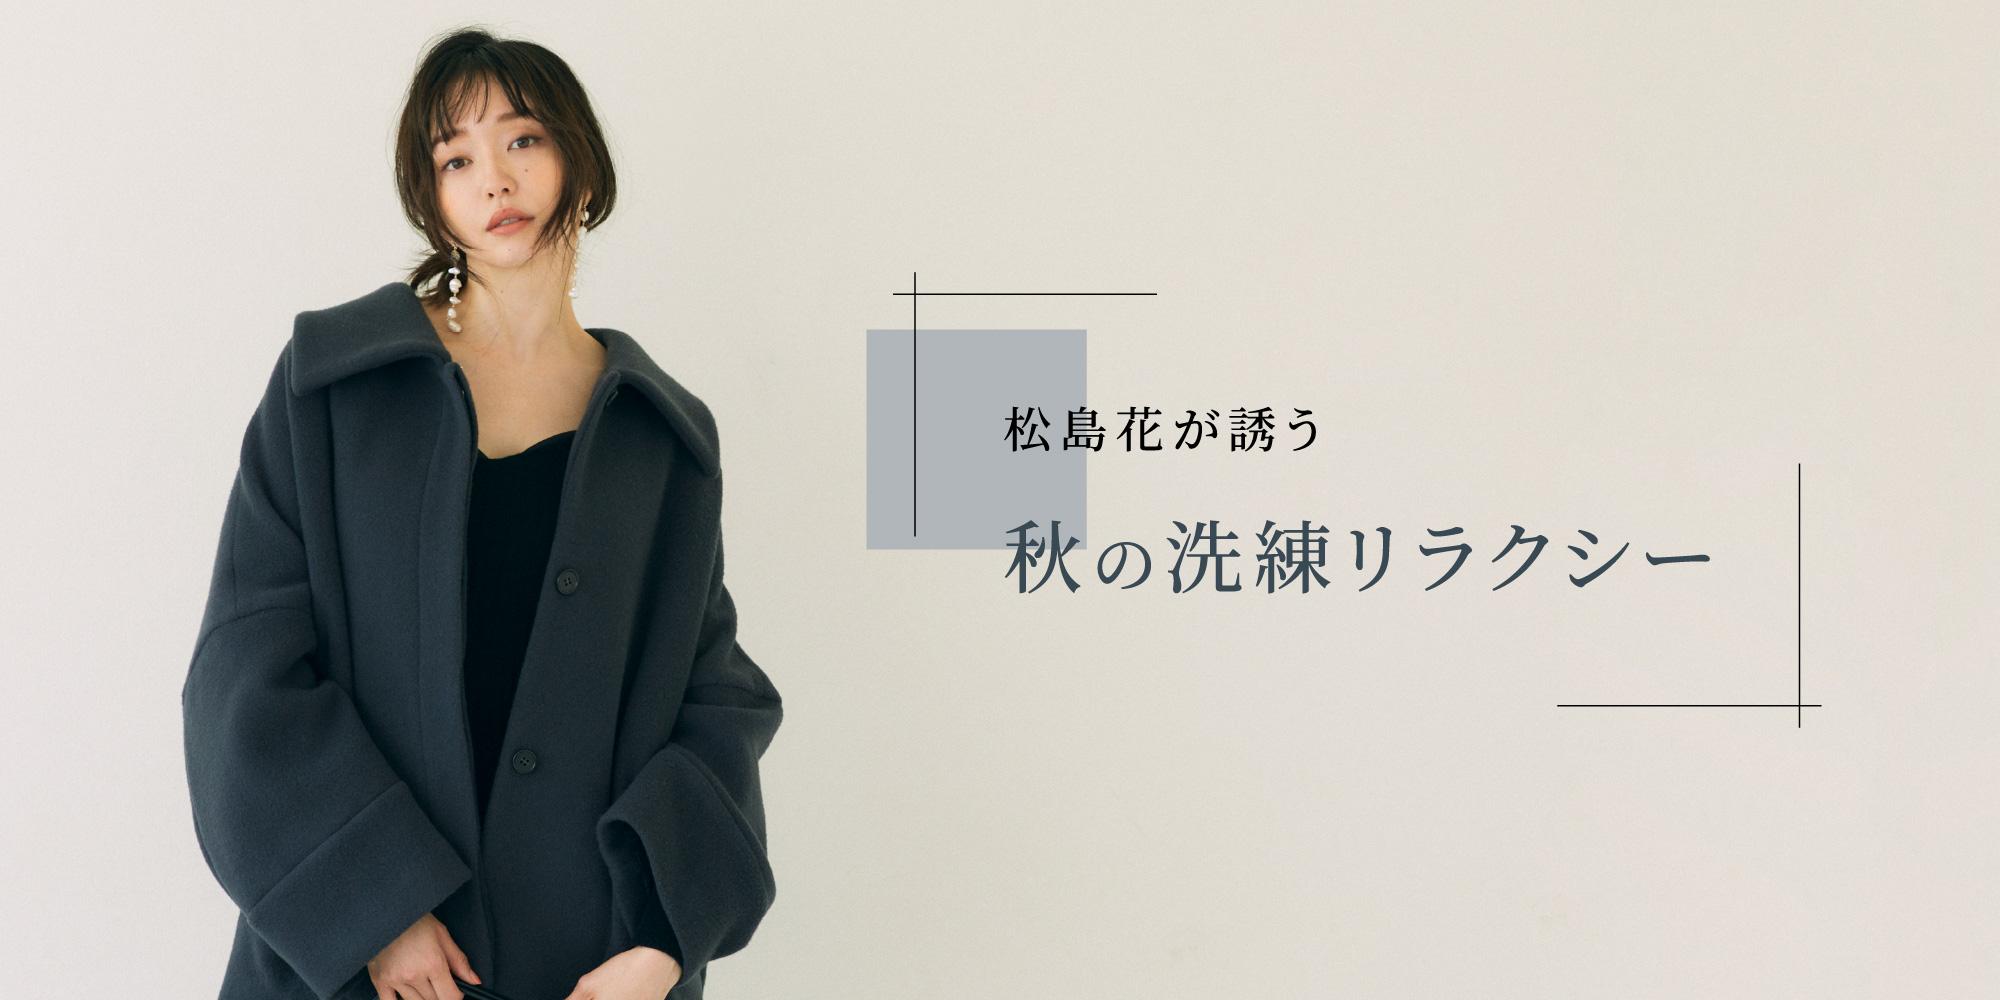 松島花が誘う 秋の洗練リラクシー